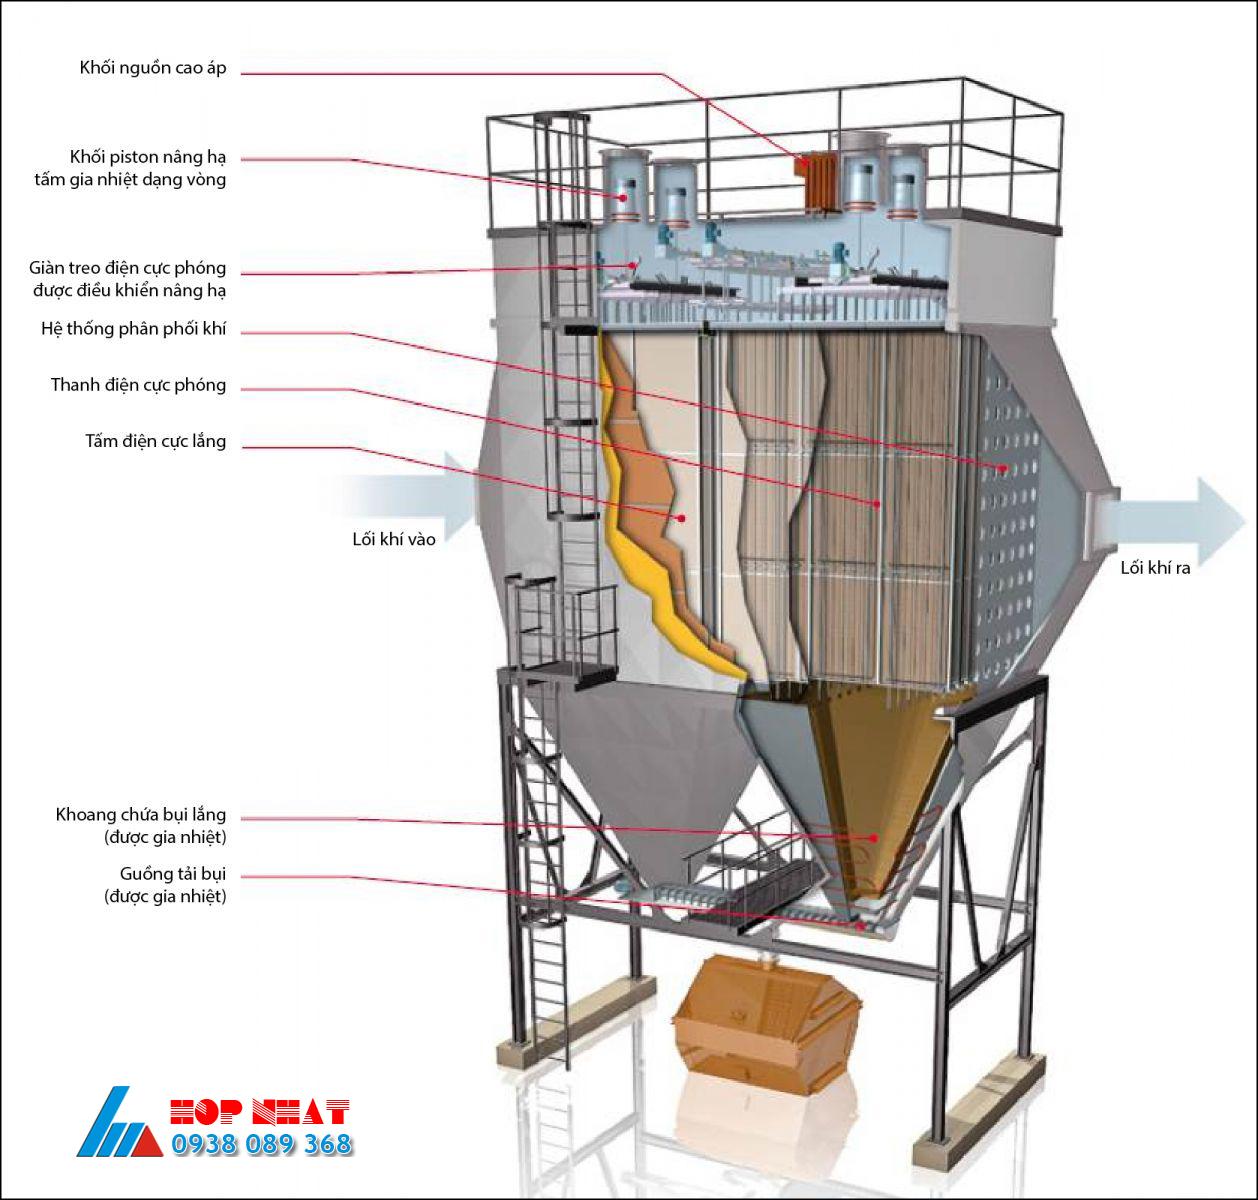 Phương pháp xử lý bụi bằng thiết bị rửa khí